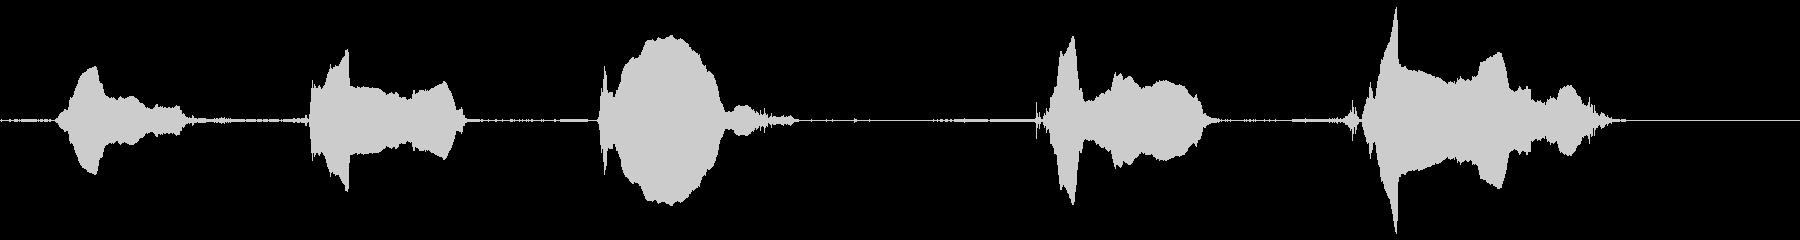 ドッグバーキング8、シベリアンハス...の未再生の波形